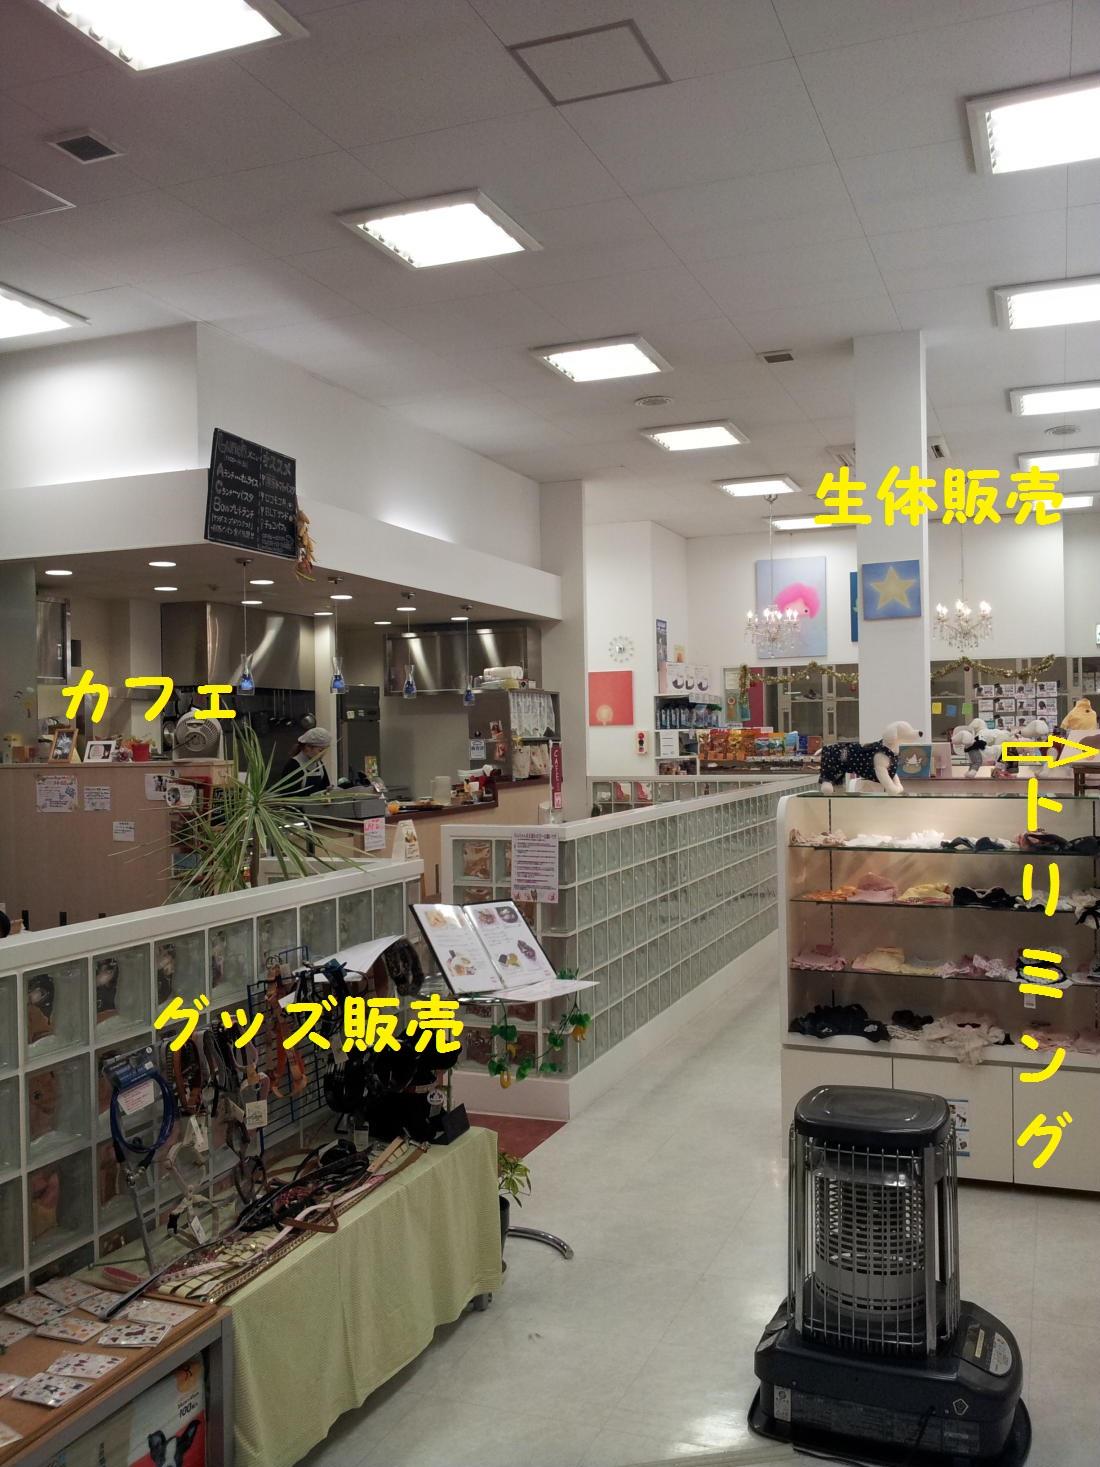 DPP_0596.jpg